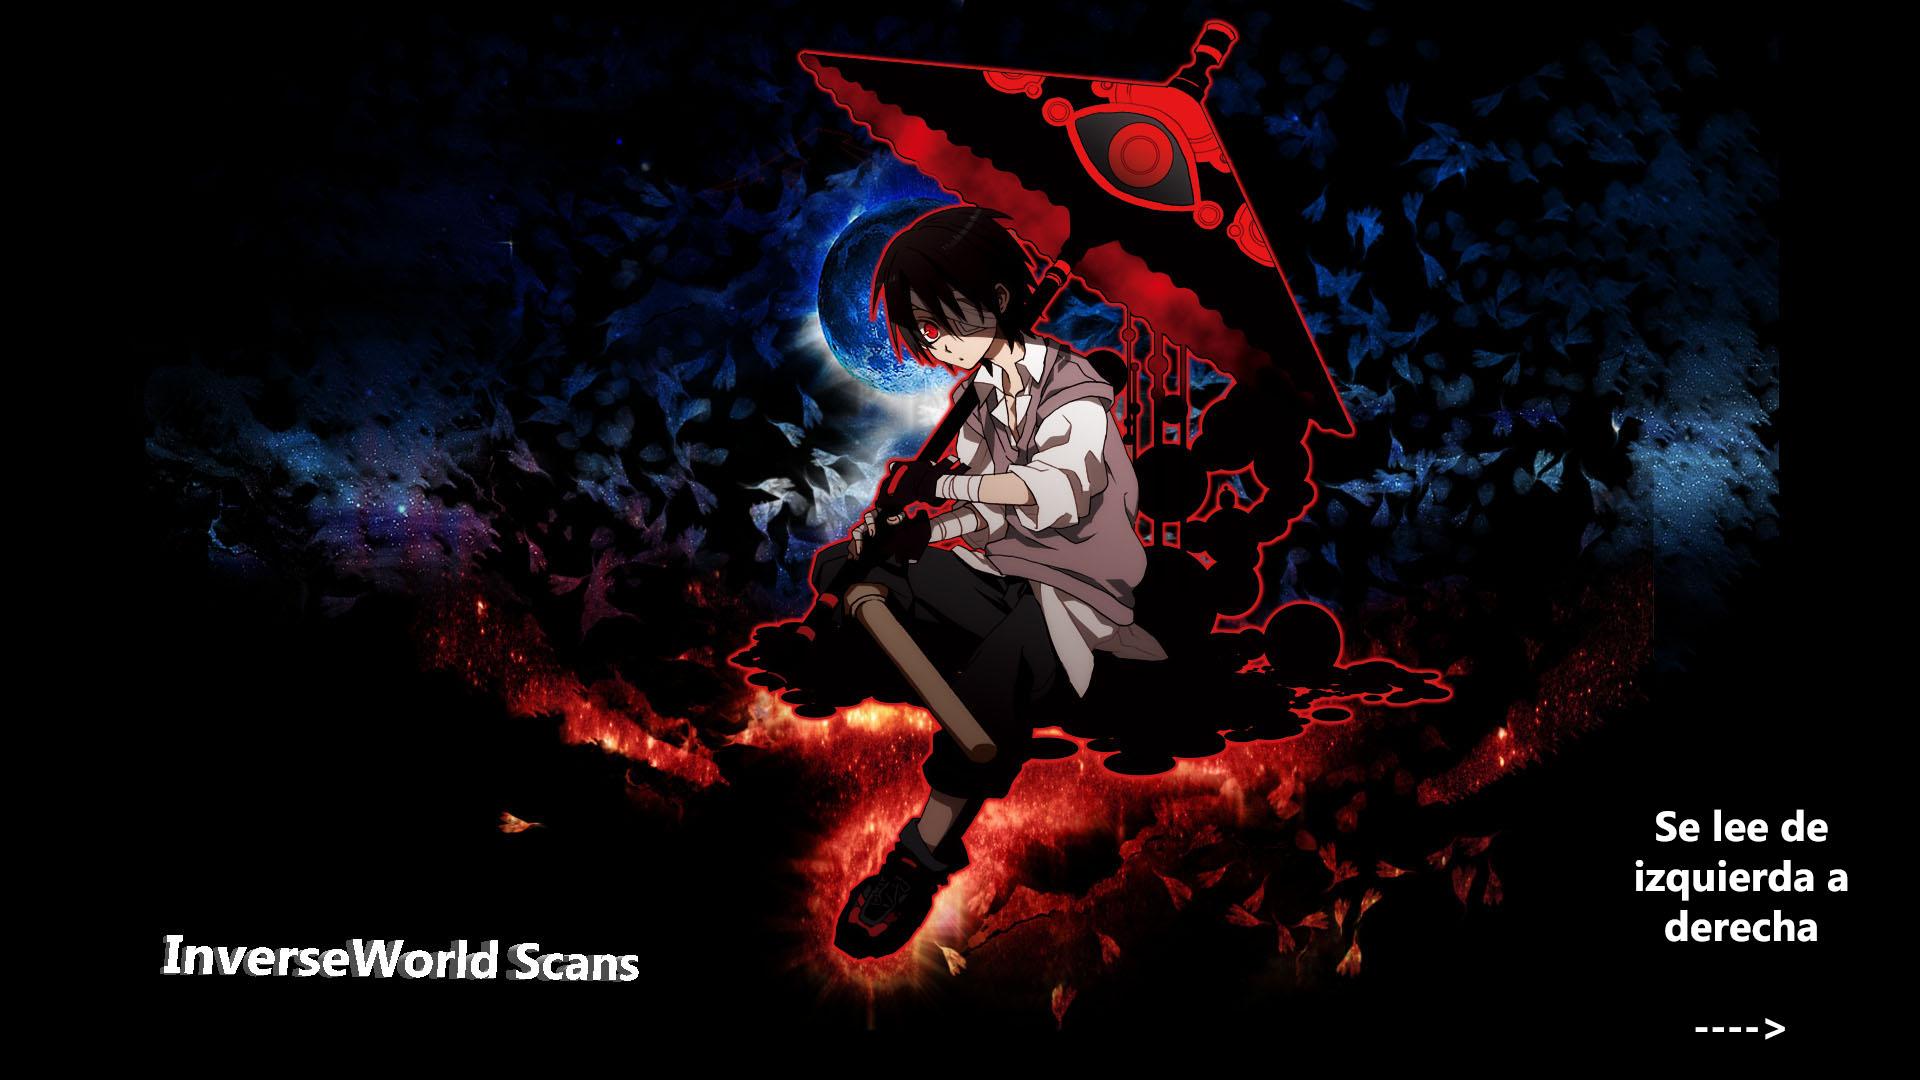 http://c5.ninemanga.com/es_manga/18/16210/415341/a793d307441615af6aaad7497a75de59.jpg Page 1